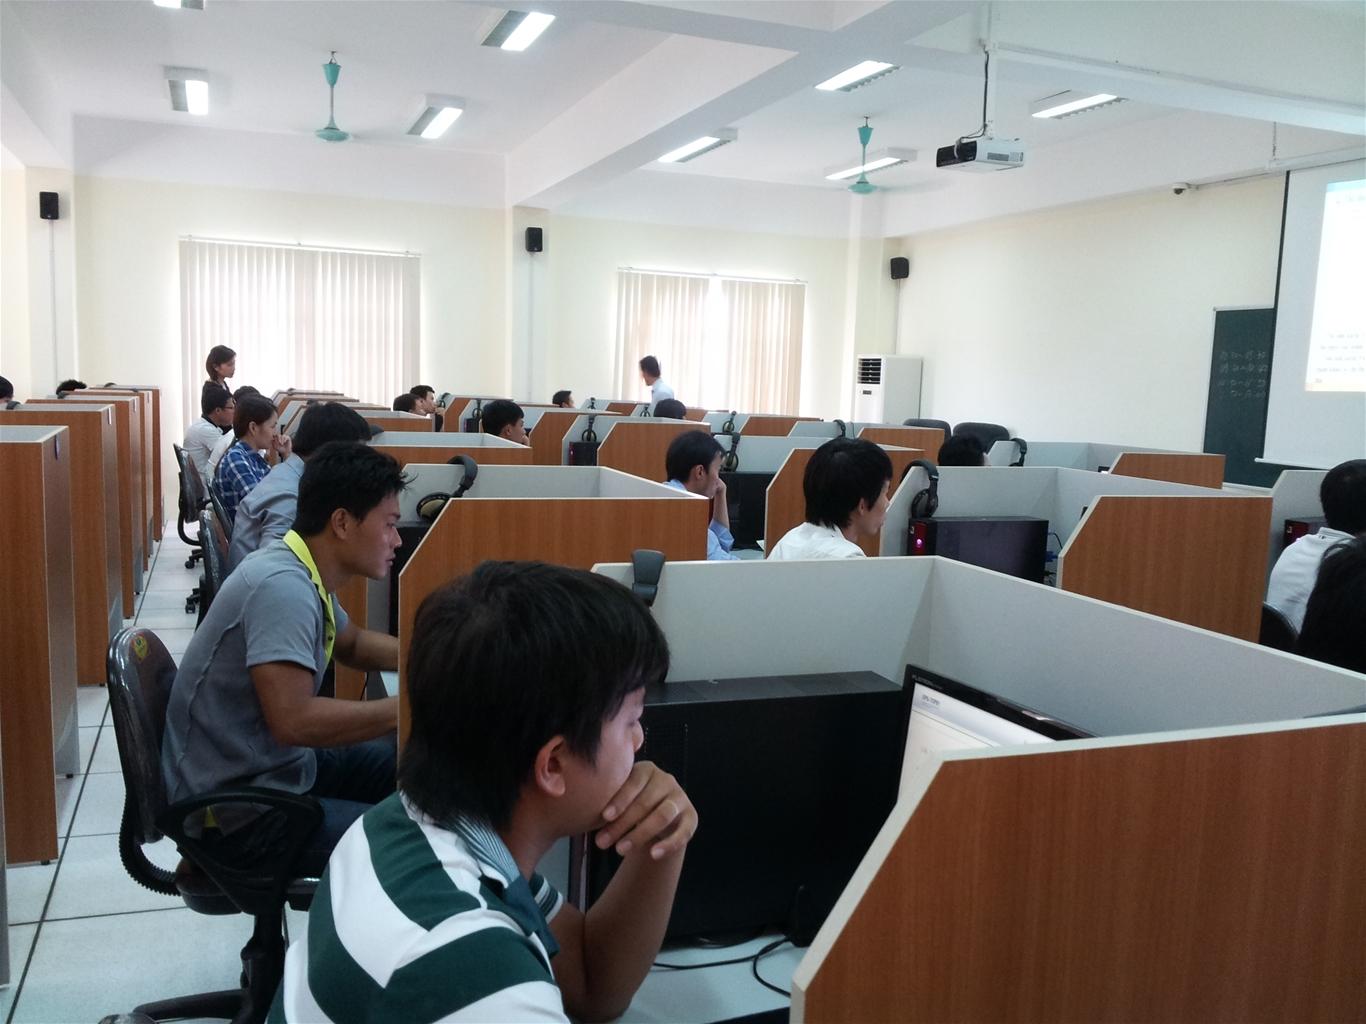 Thông báo kết quả kỳ thi tiếng Hàn trên máy tính trong nghành nông nghiệp năm 2019